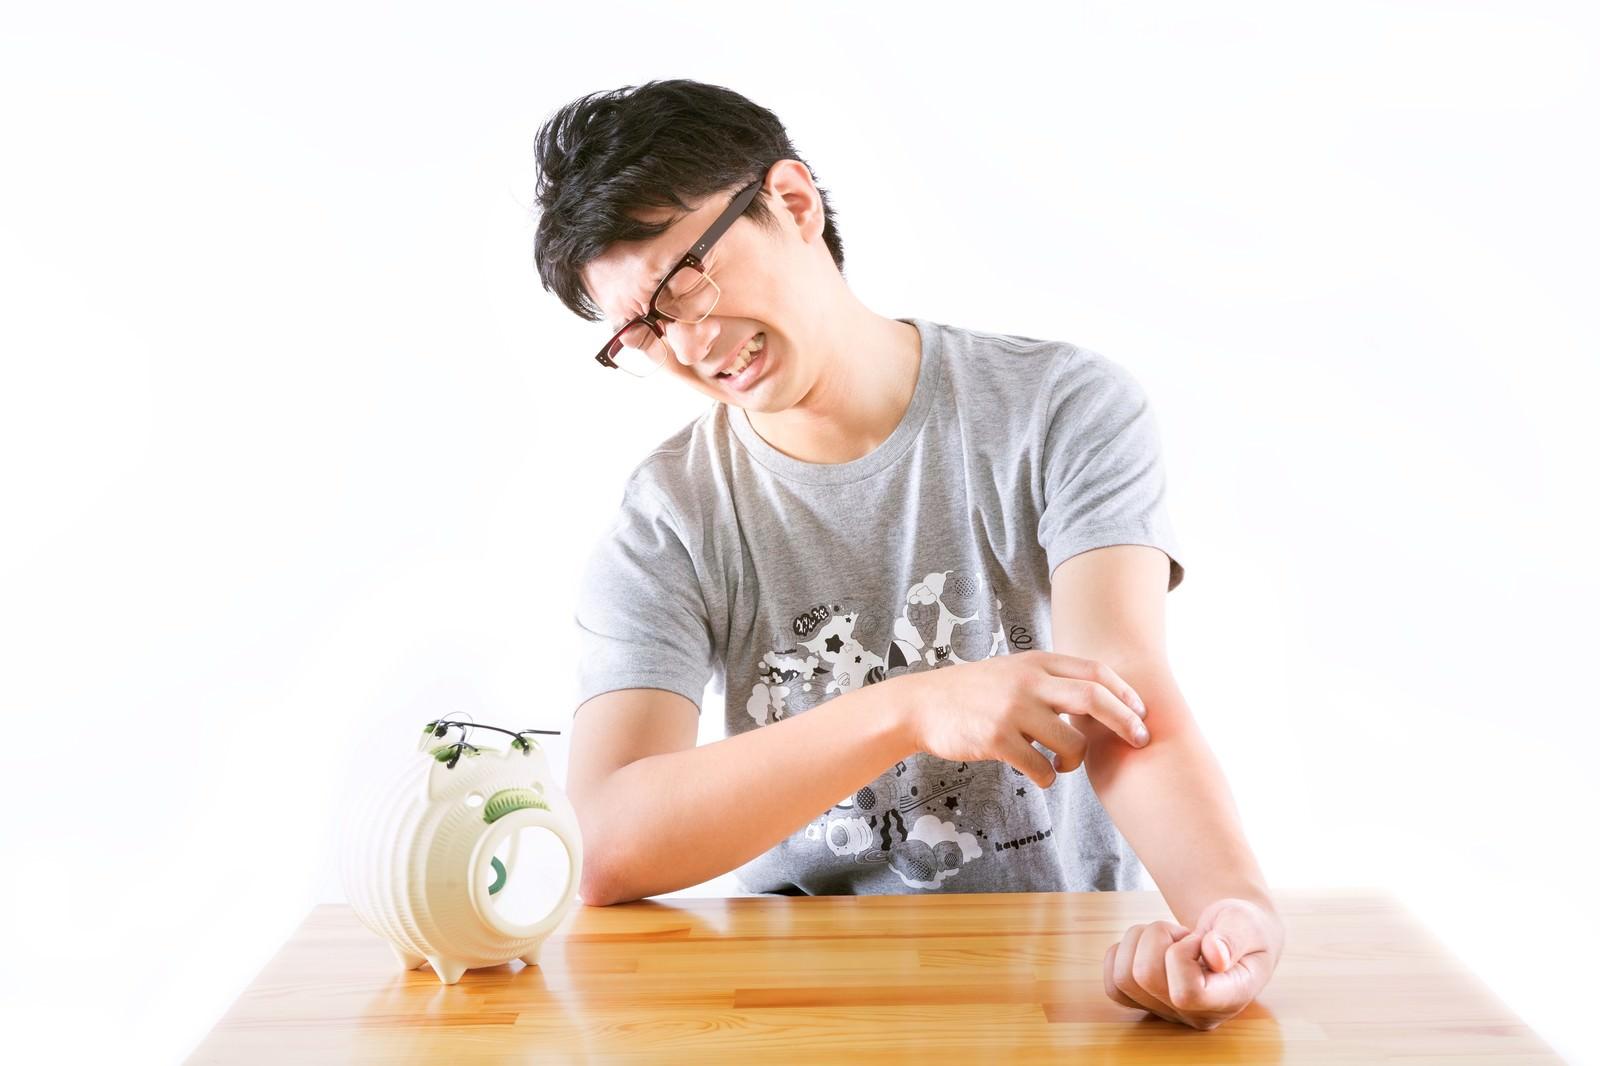 「かゆいところに手が届いた上ふちメガネ虫さされ男(O型)」の写真[モデル:OZPA]